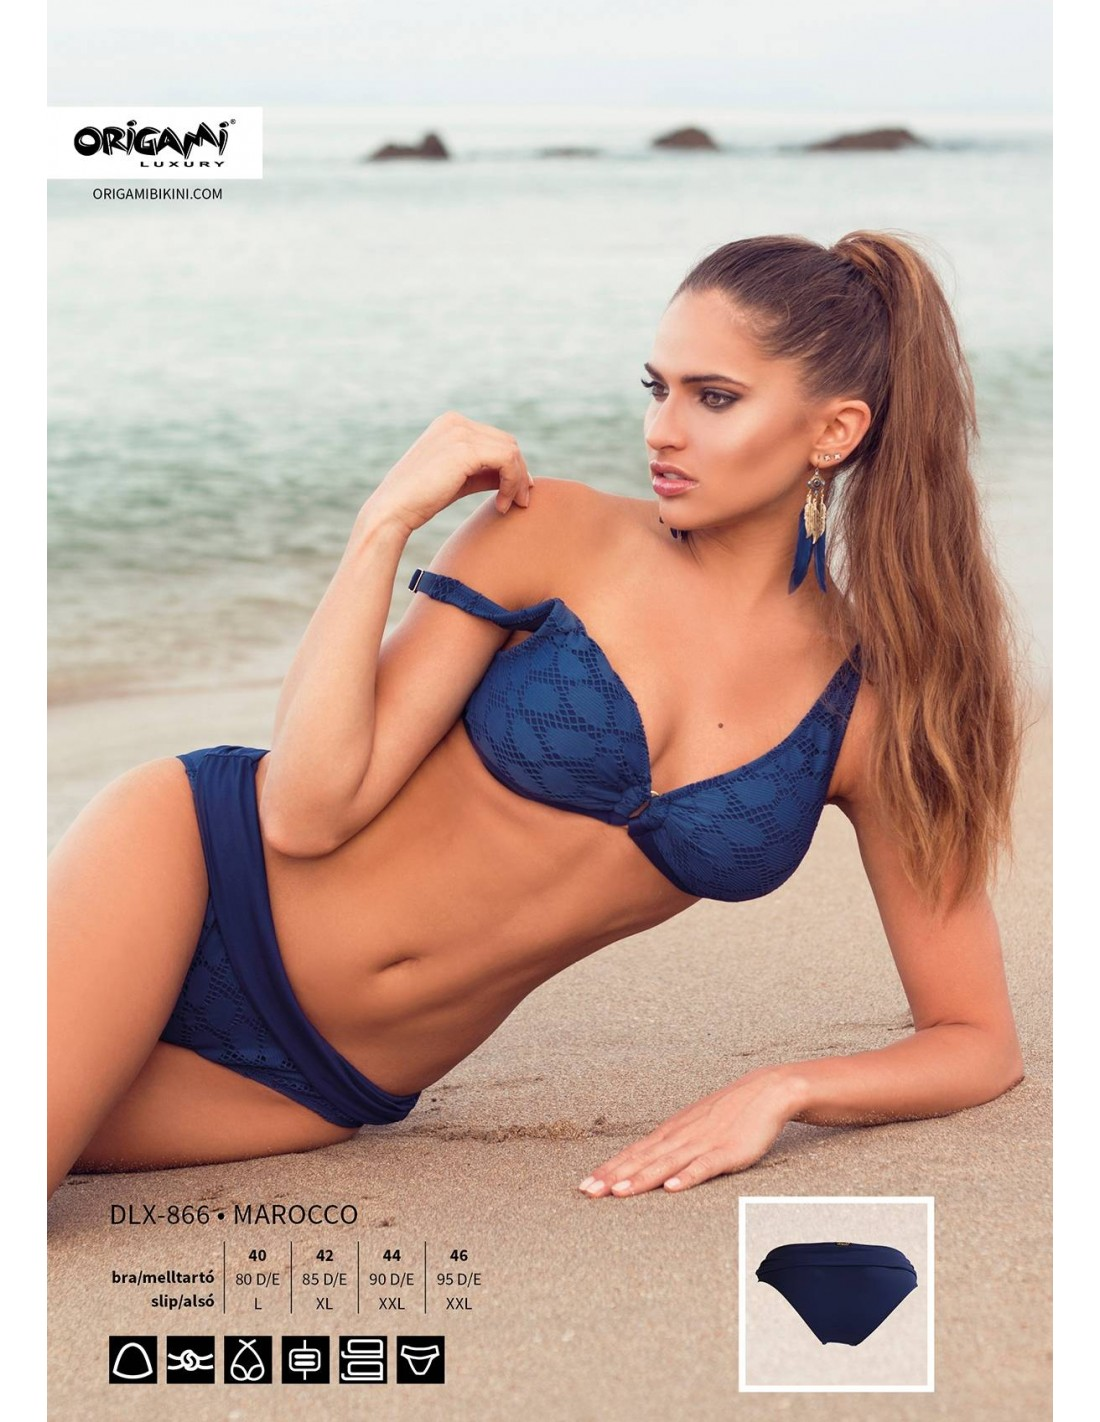 D kosaras kivehető szivacsos háromszöges. Marocco DLX-866 Origami Bikini cb628569a4